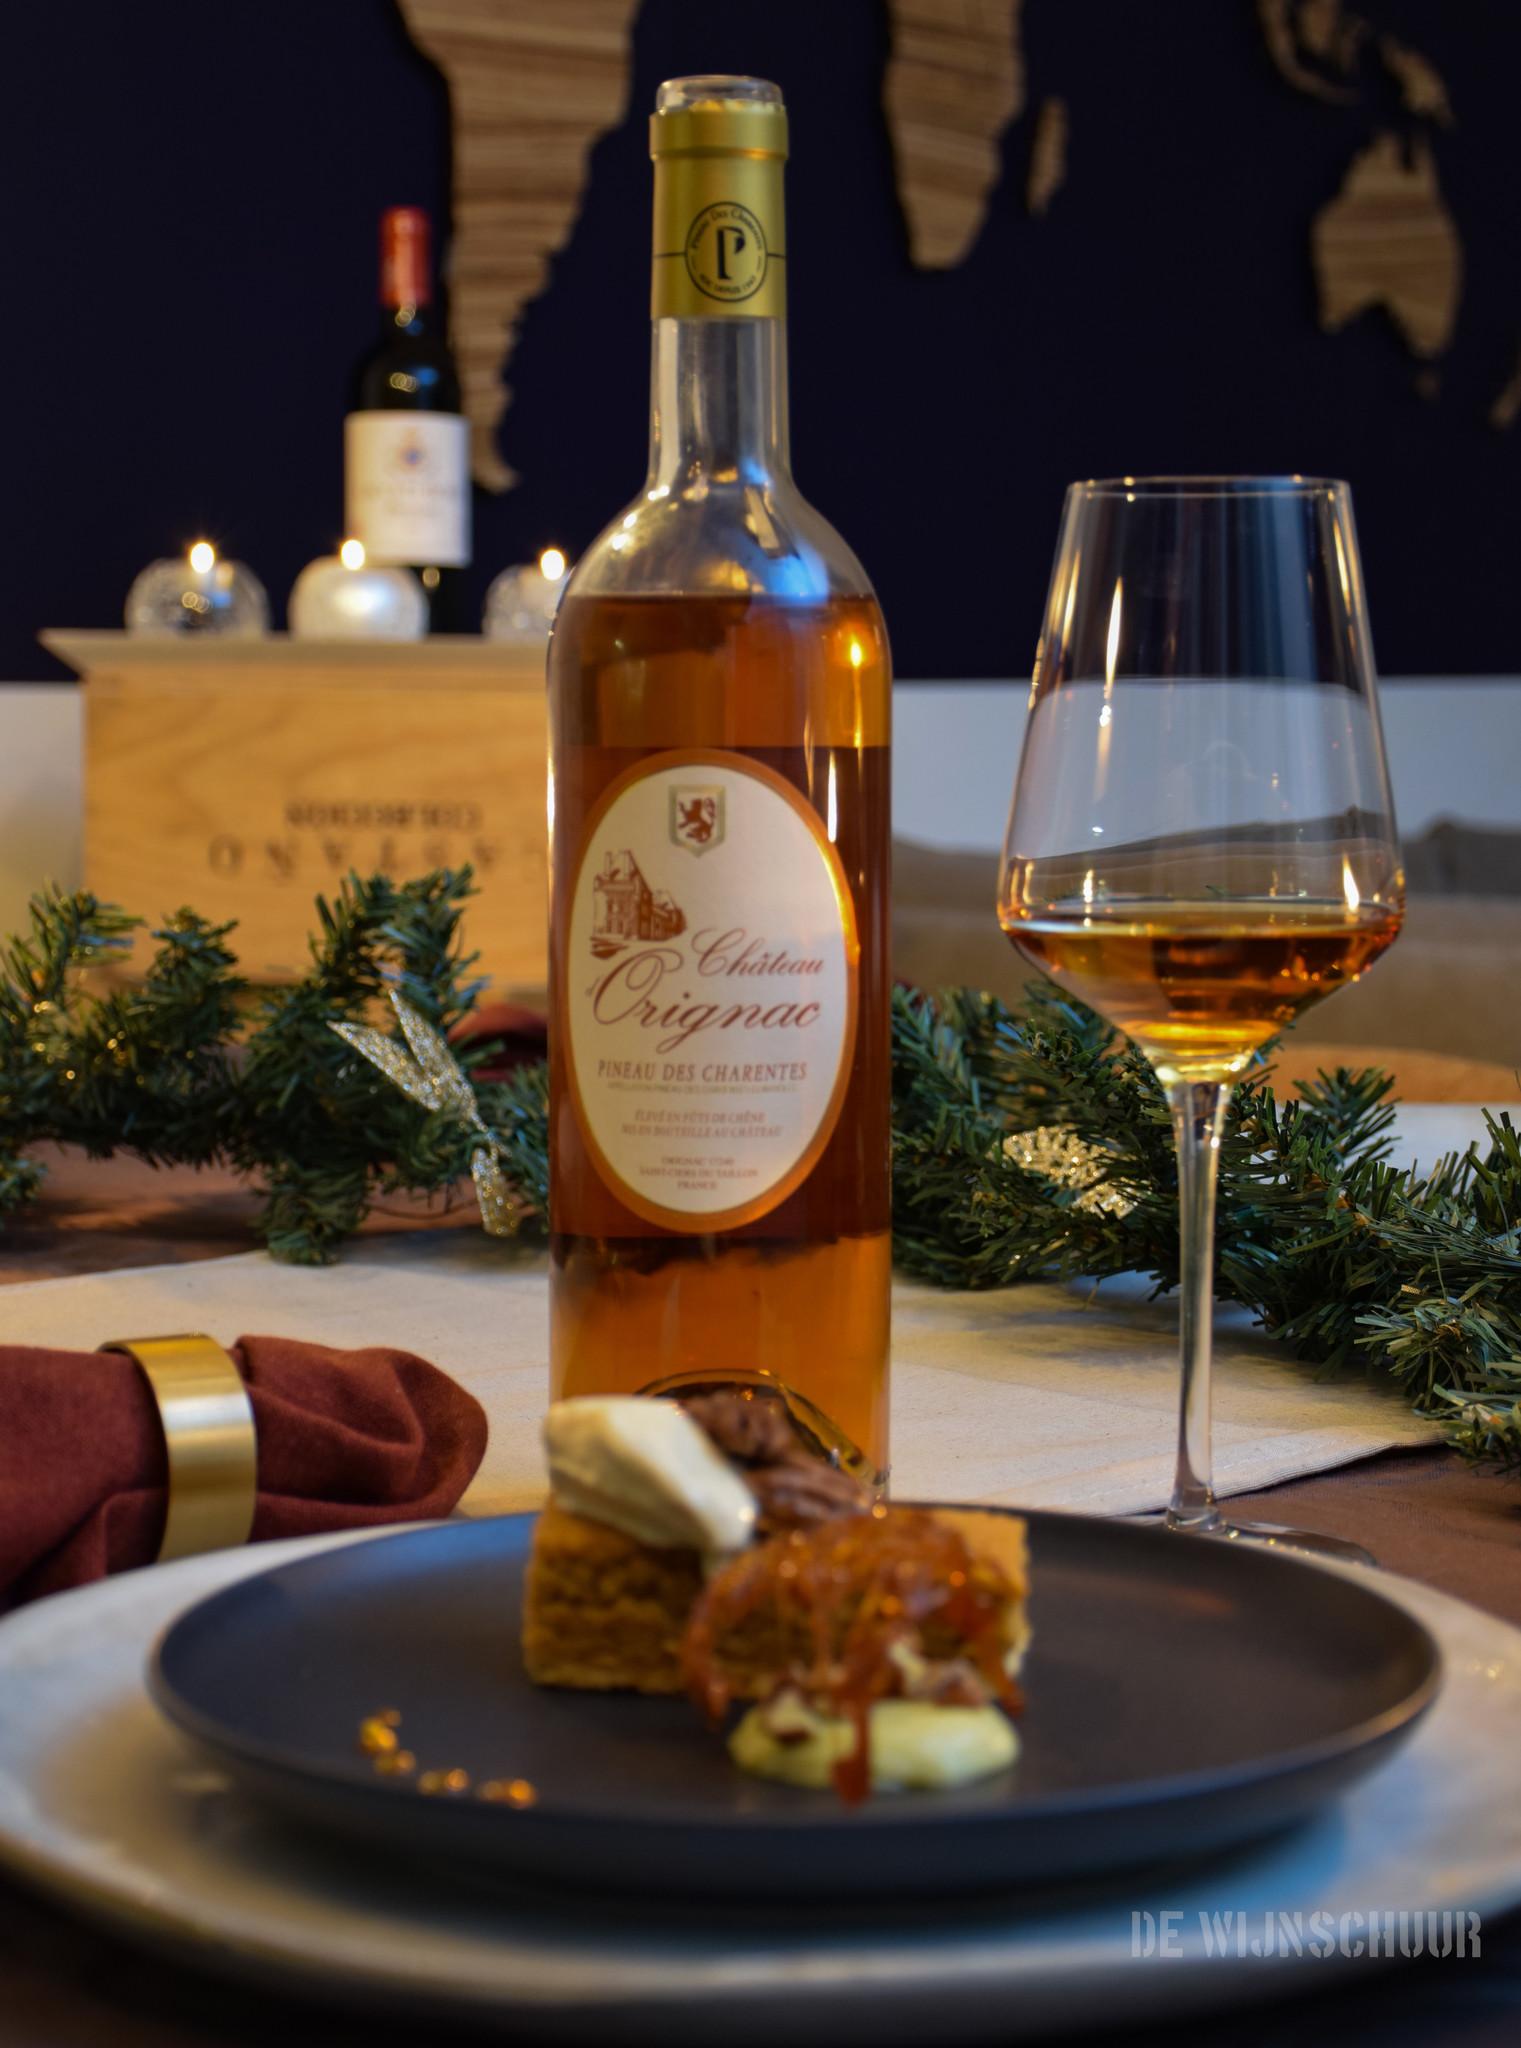 Chateau d'Orignac Pineau de Charentes & Strooptaart met room parfait en koffie ijs